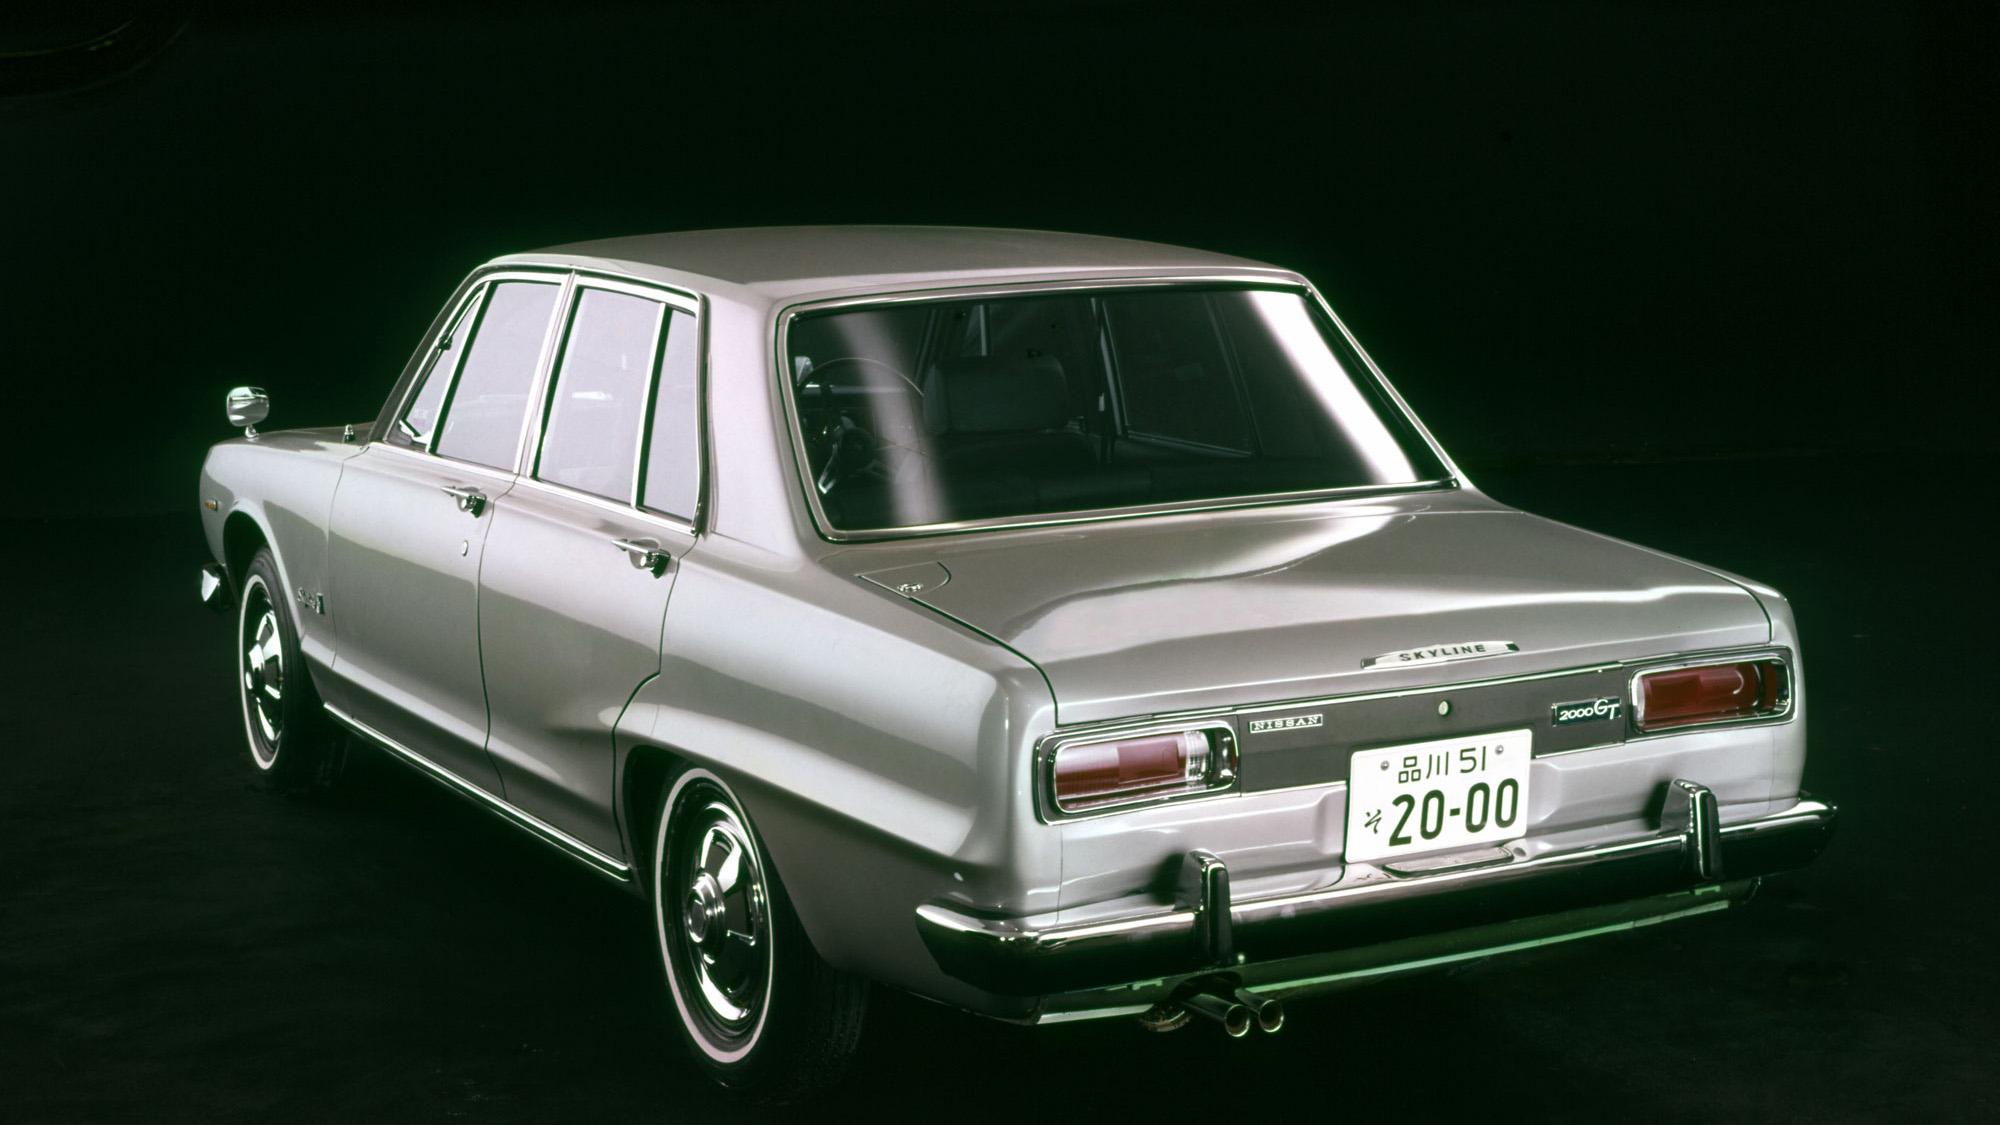 日産「スカイライン」の60年、全モデルを写真で振り返る① - 1968_2000GT_GC10_rear-source